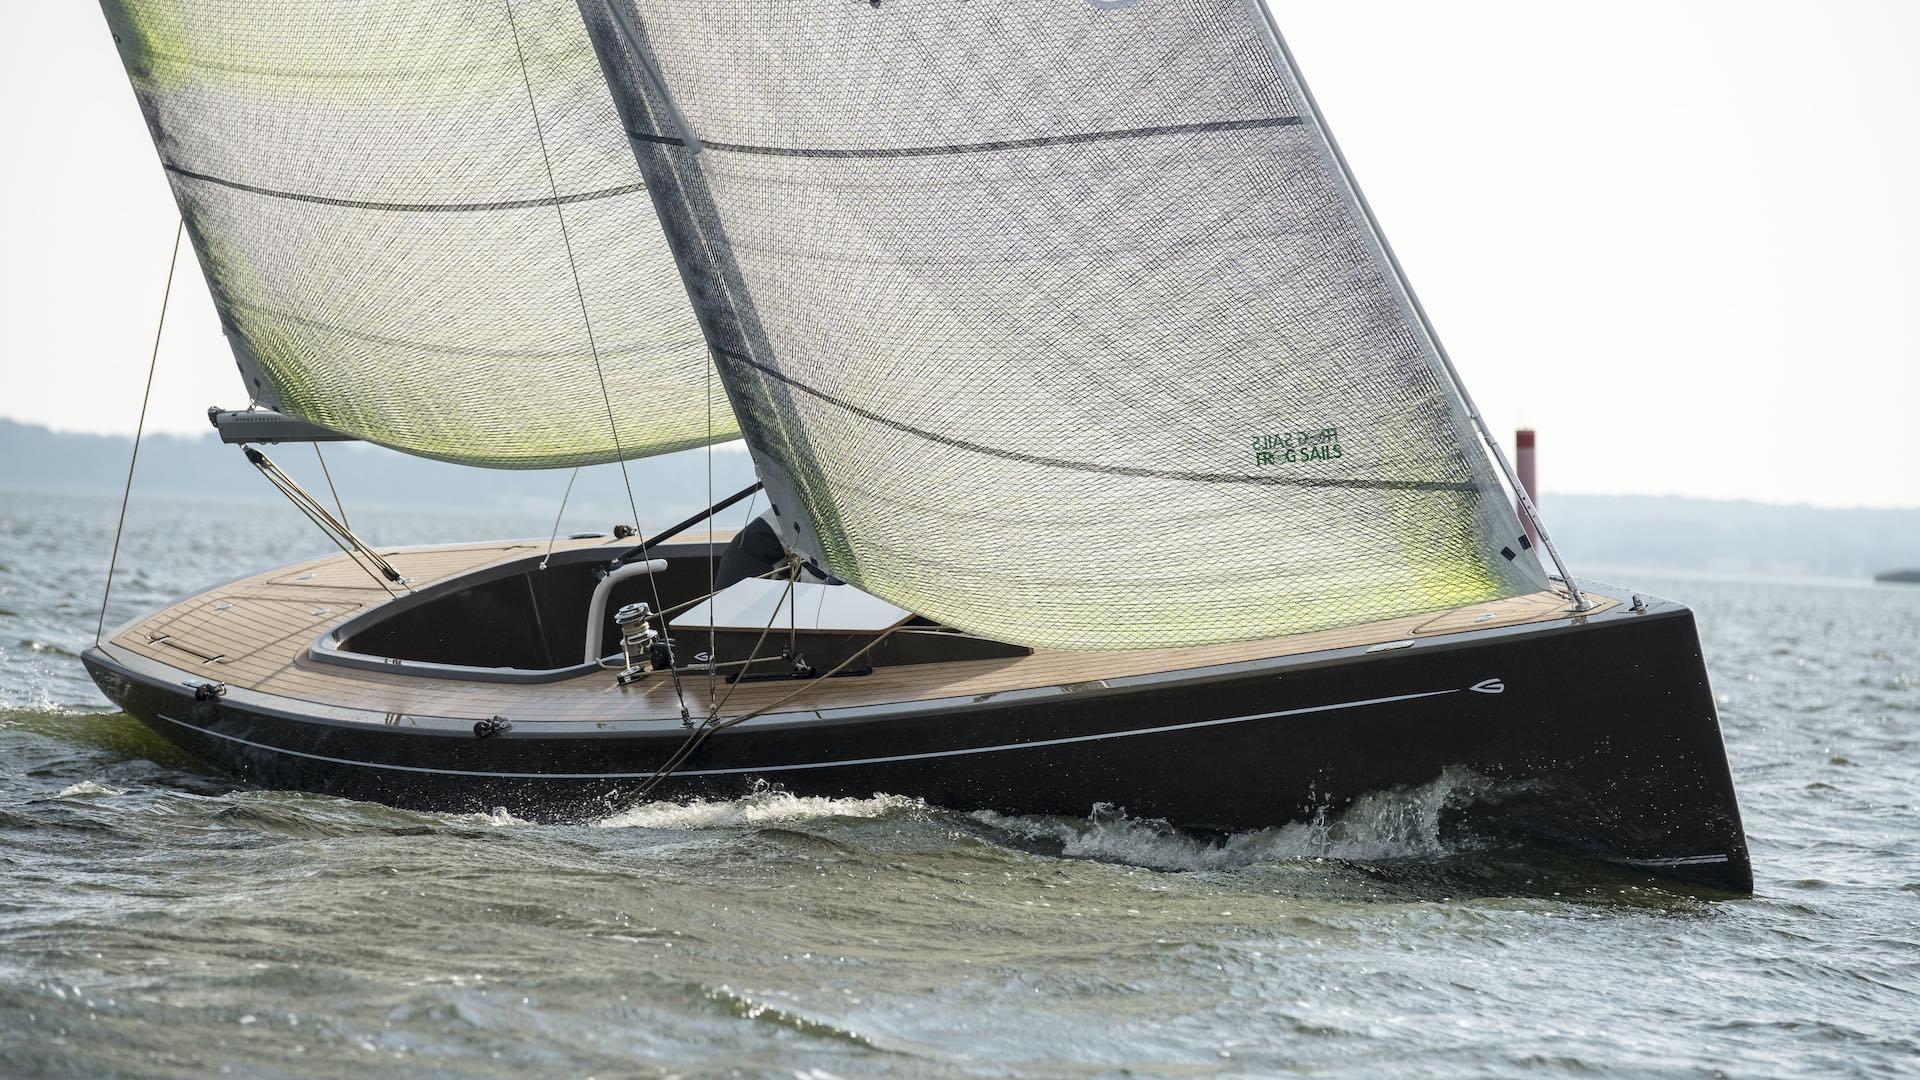 Flax27-Greenboats-2019_JKu_2893-min-3